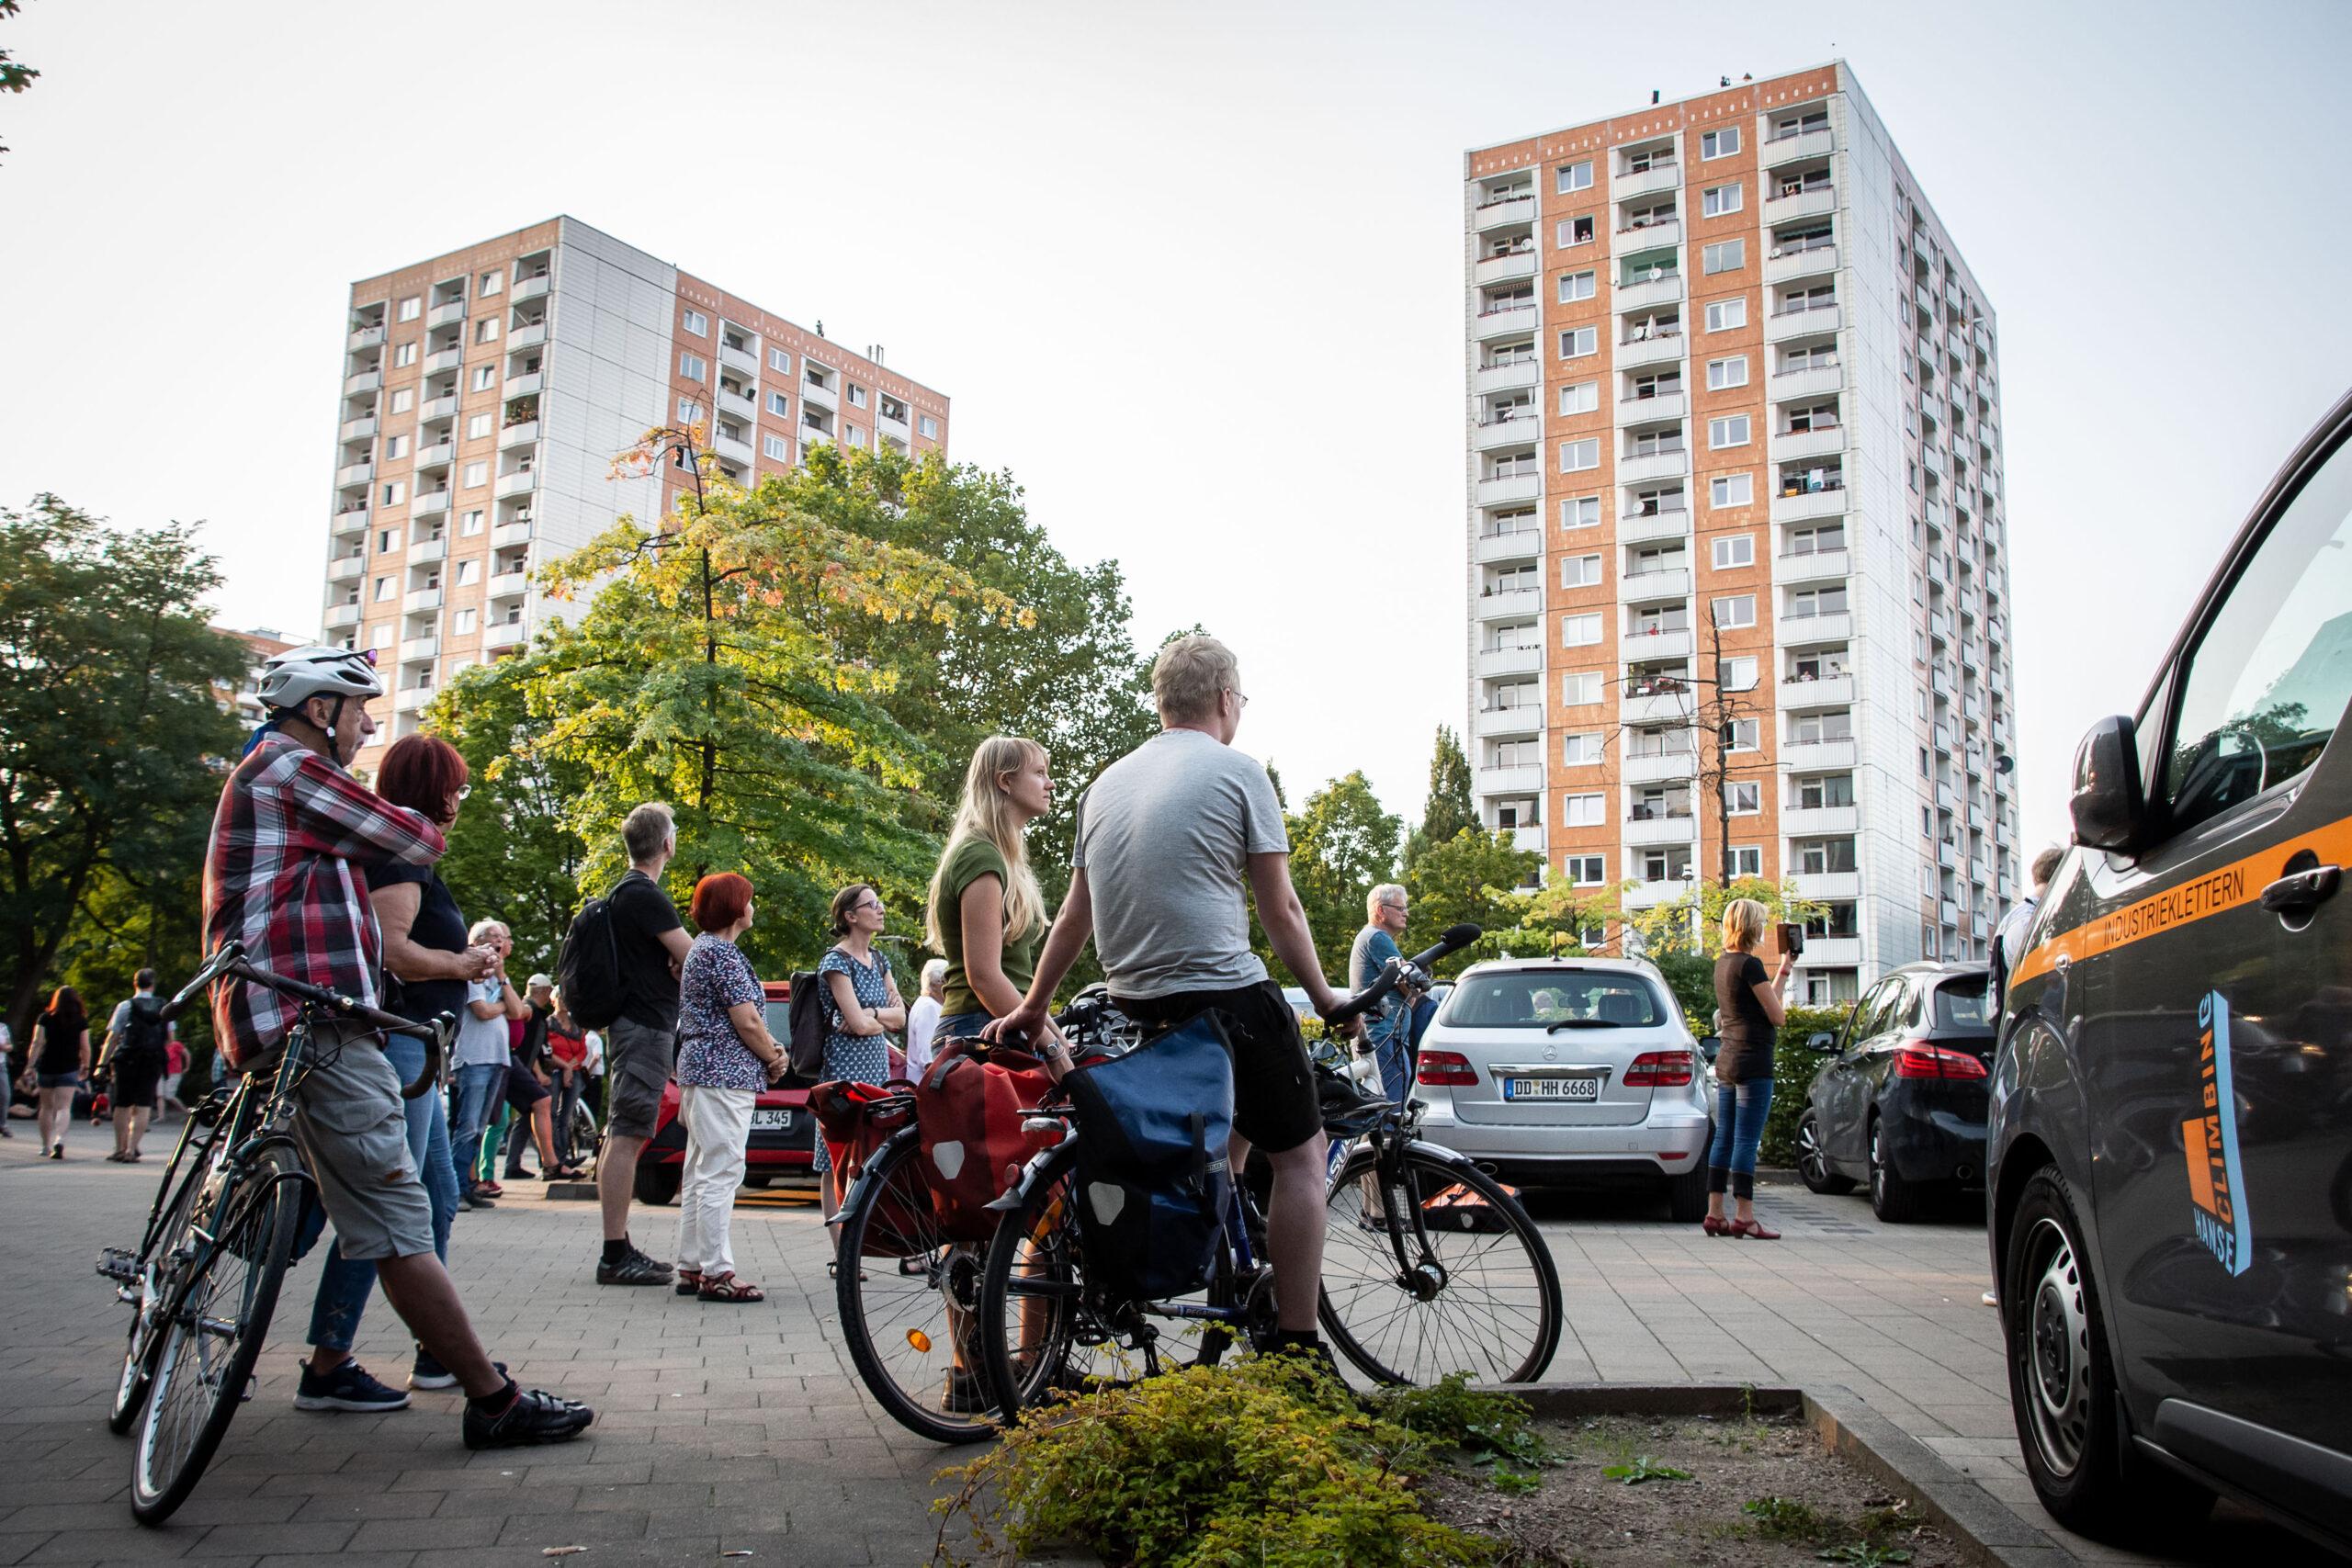 Himmel über Prohlis - Eventfotografie: Anwohner und Besucher des Stadtteils hören beim Konzert zu